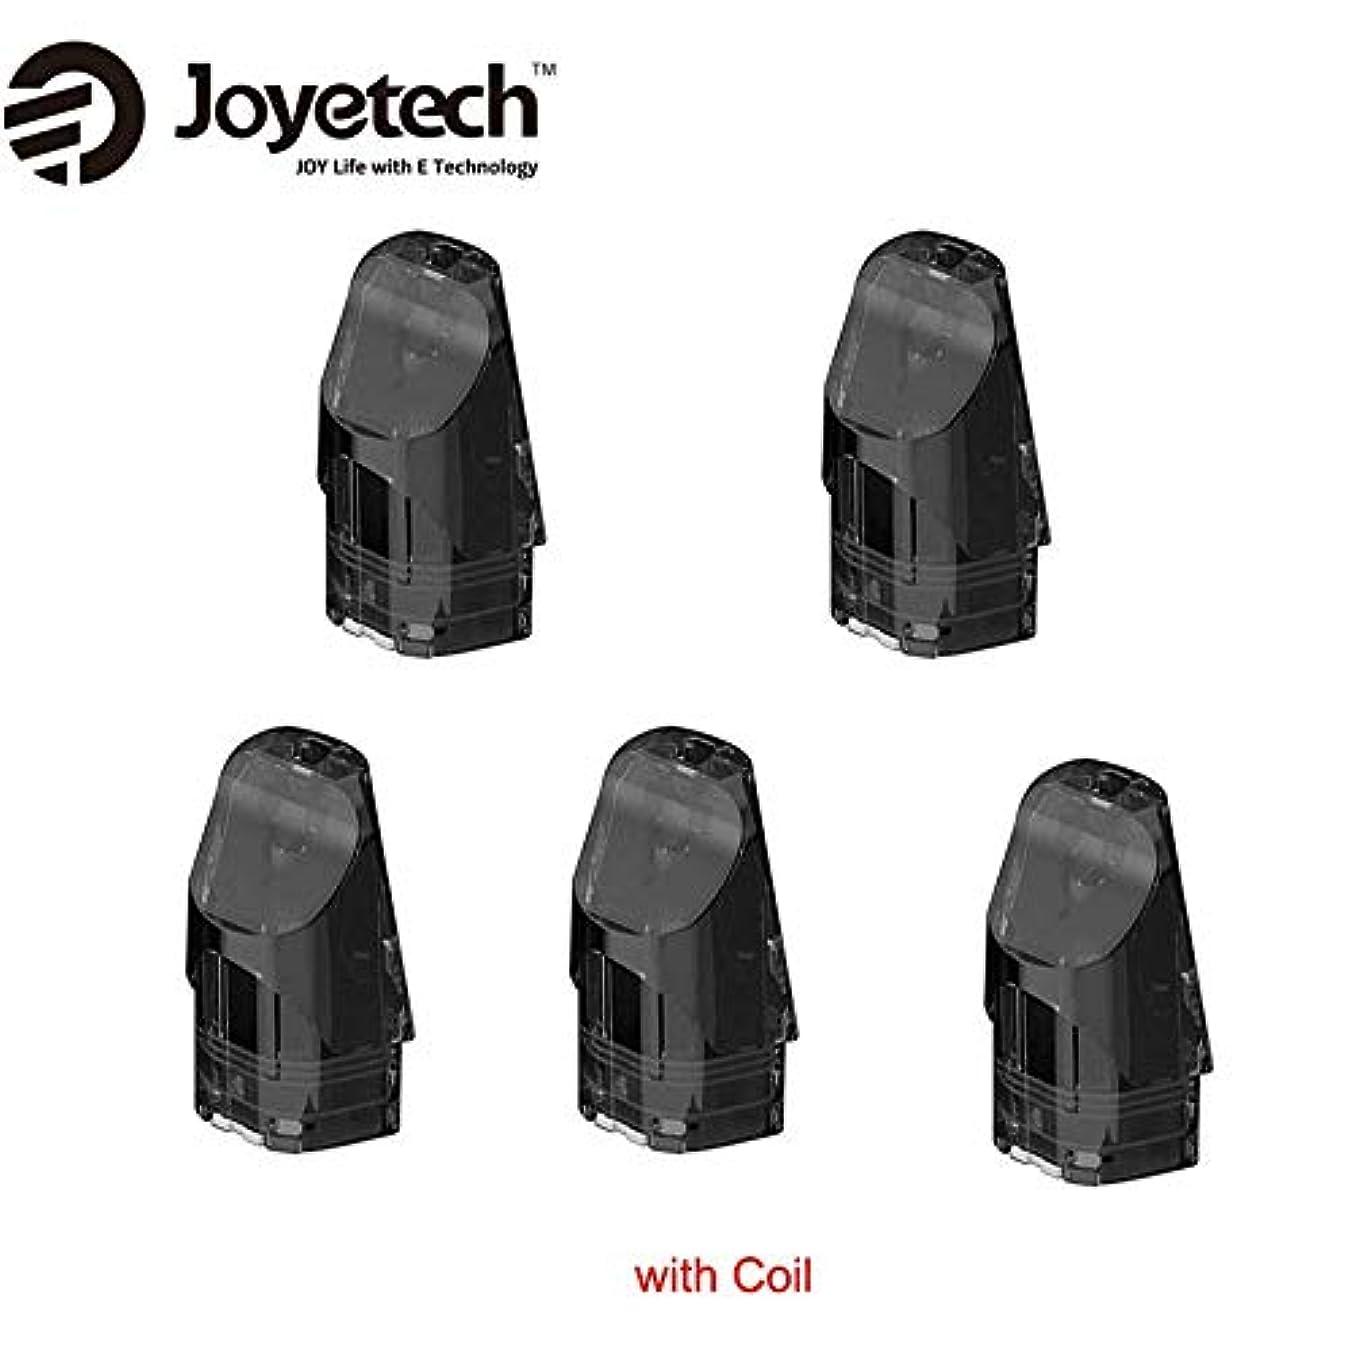 ペリスコープ蒸発する古風な正規品Joyetech Exceed Edge Podカートリッジ 2ml 内蔵1.2ohmコイル 5個セット 1パック